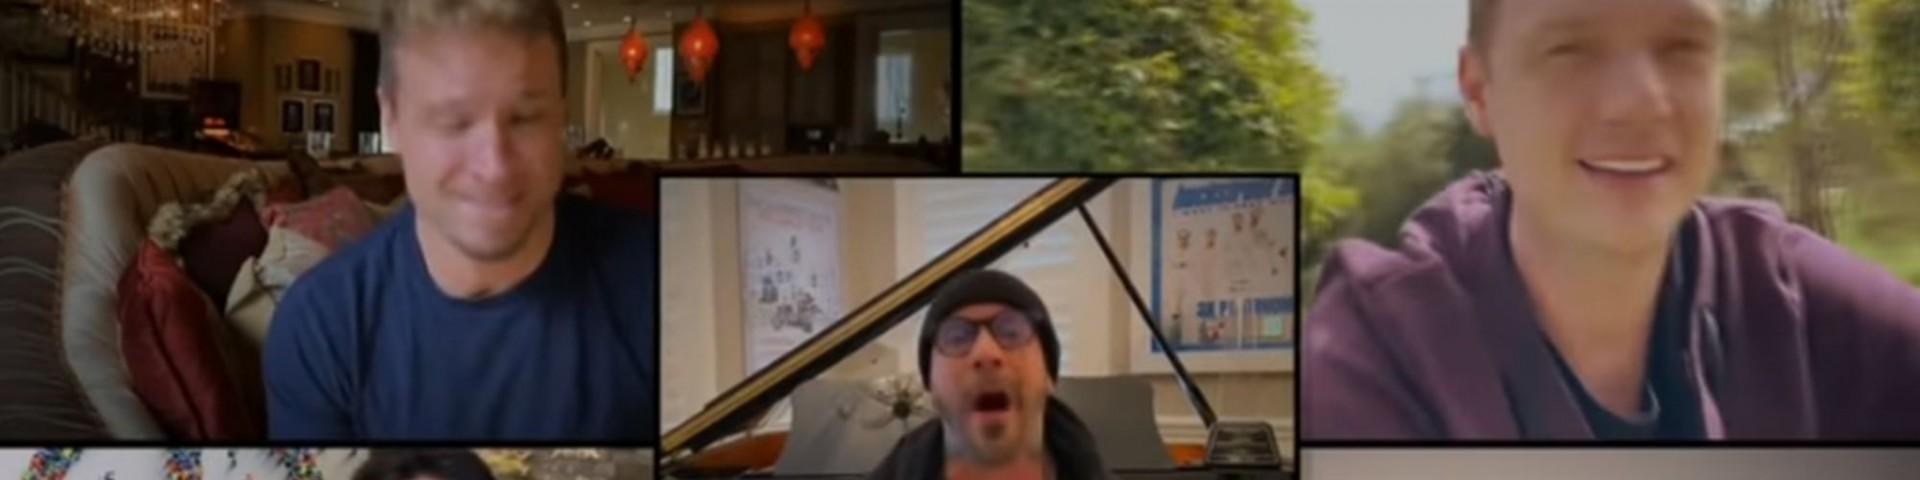 """I Backstreet Boys cantano """"I Want It That Way"""" ed è boom per la reunion (Video)"""